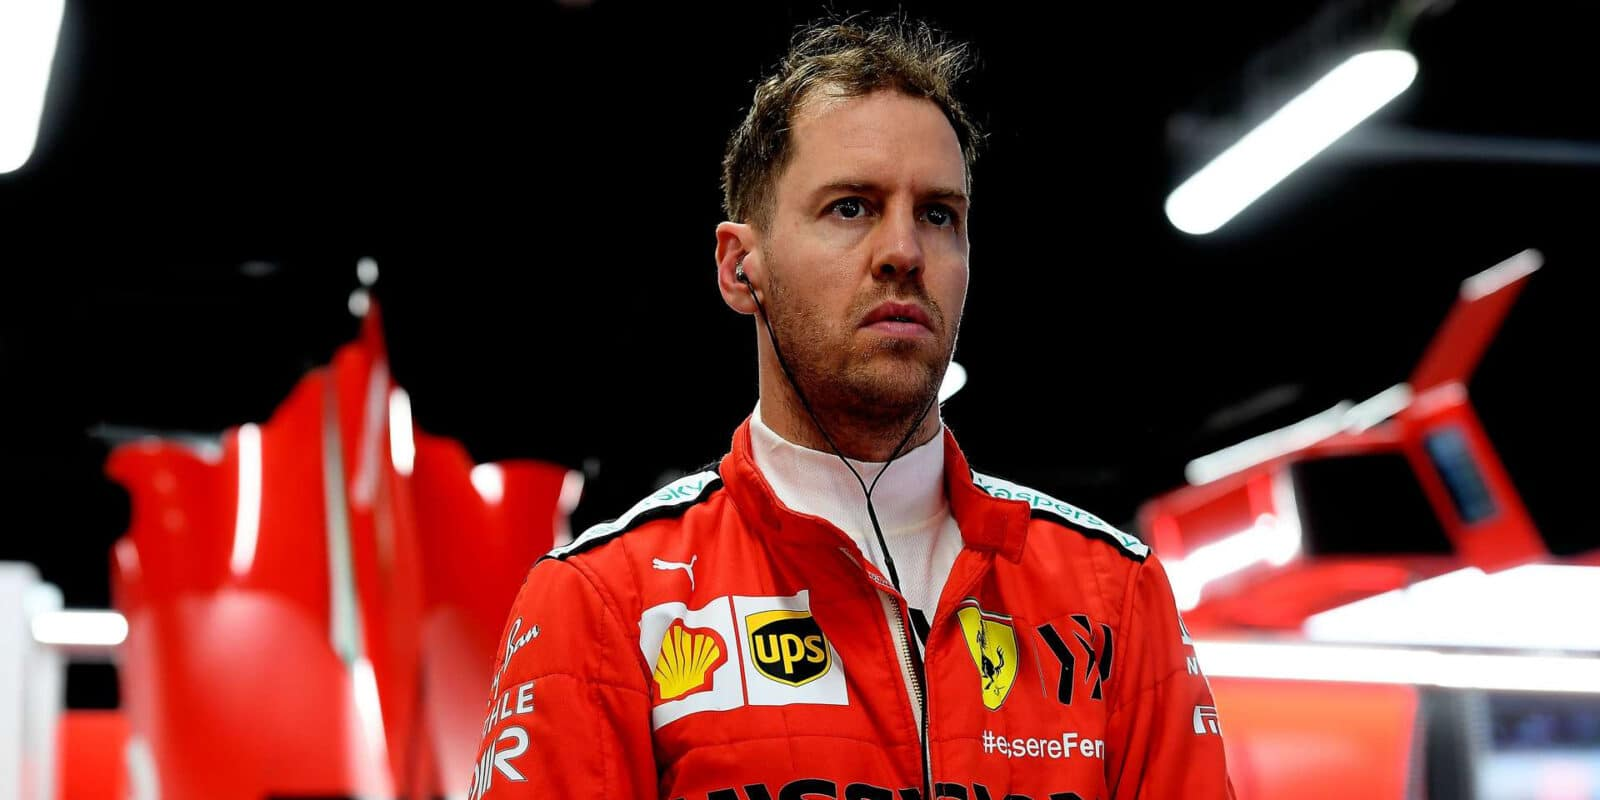 Bild a AMuS: Vettel na konci sezóny opustí Maranello!